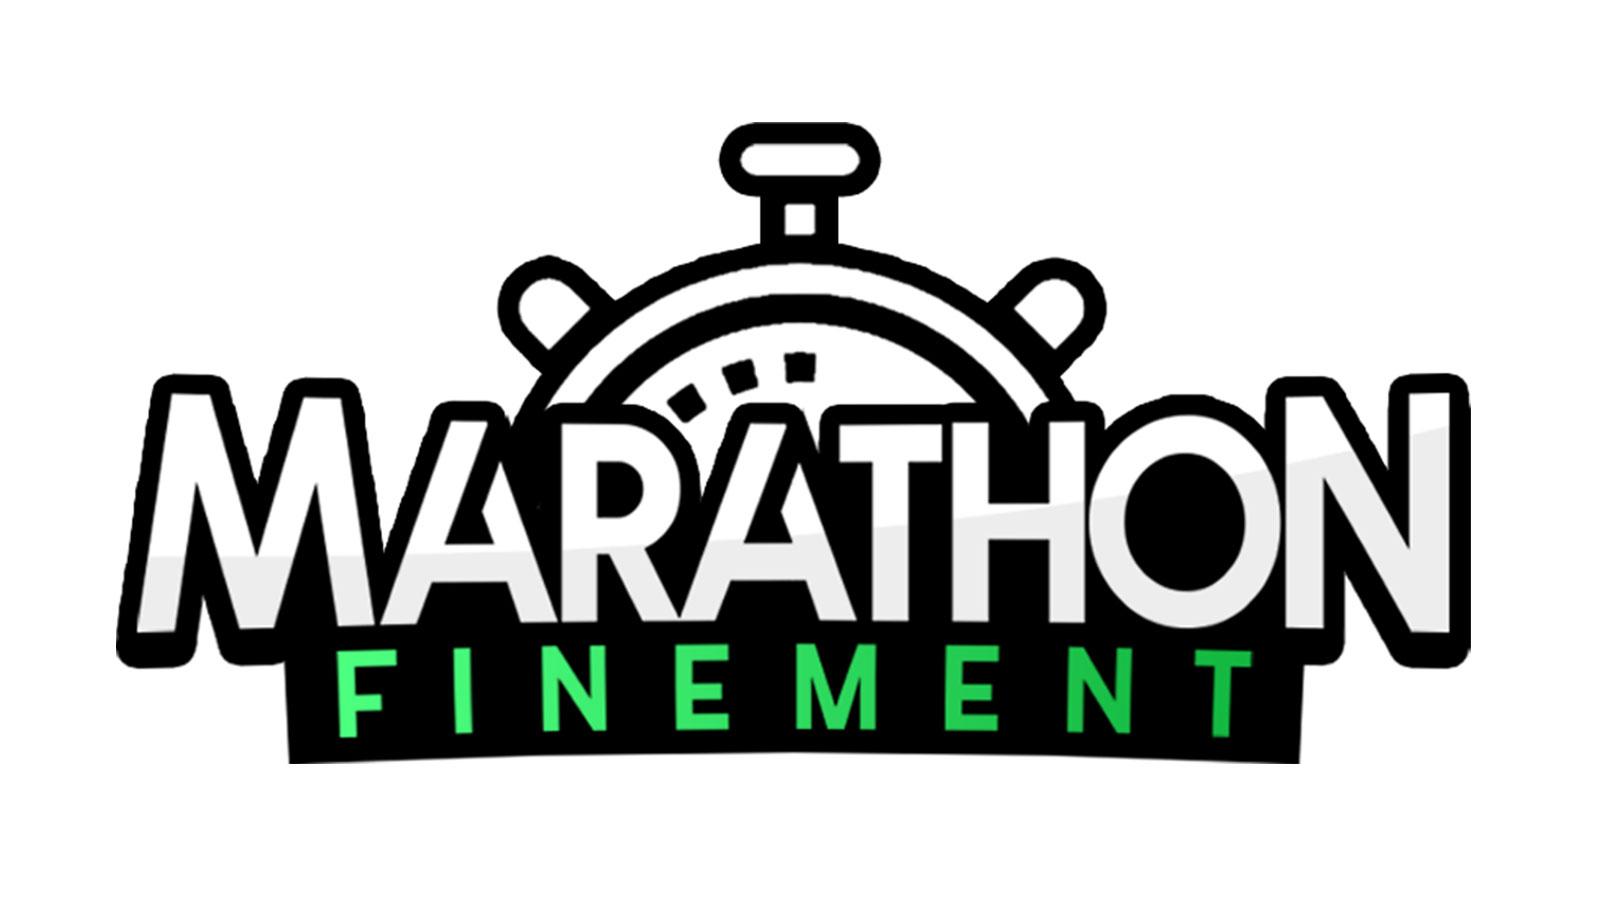 Pendant le confinement ZeratoR a décidé d'organiser le Marathonfinement